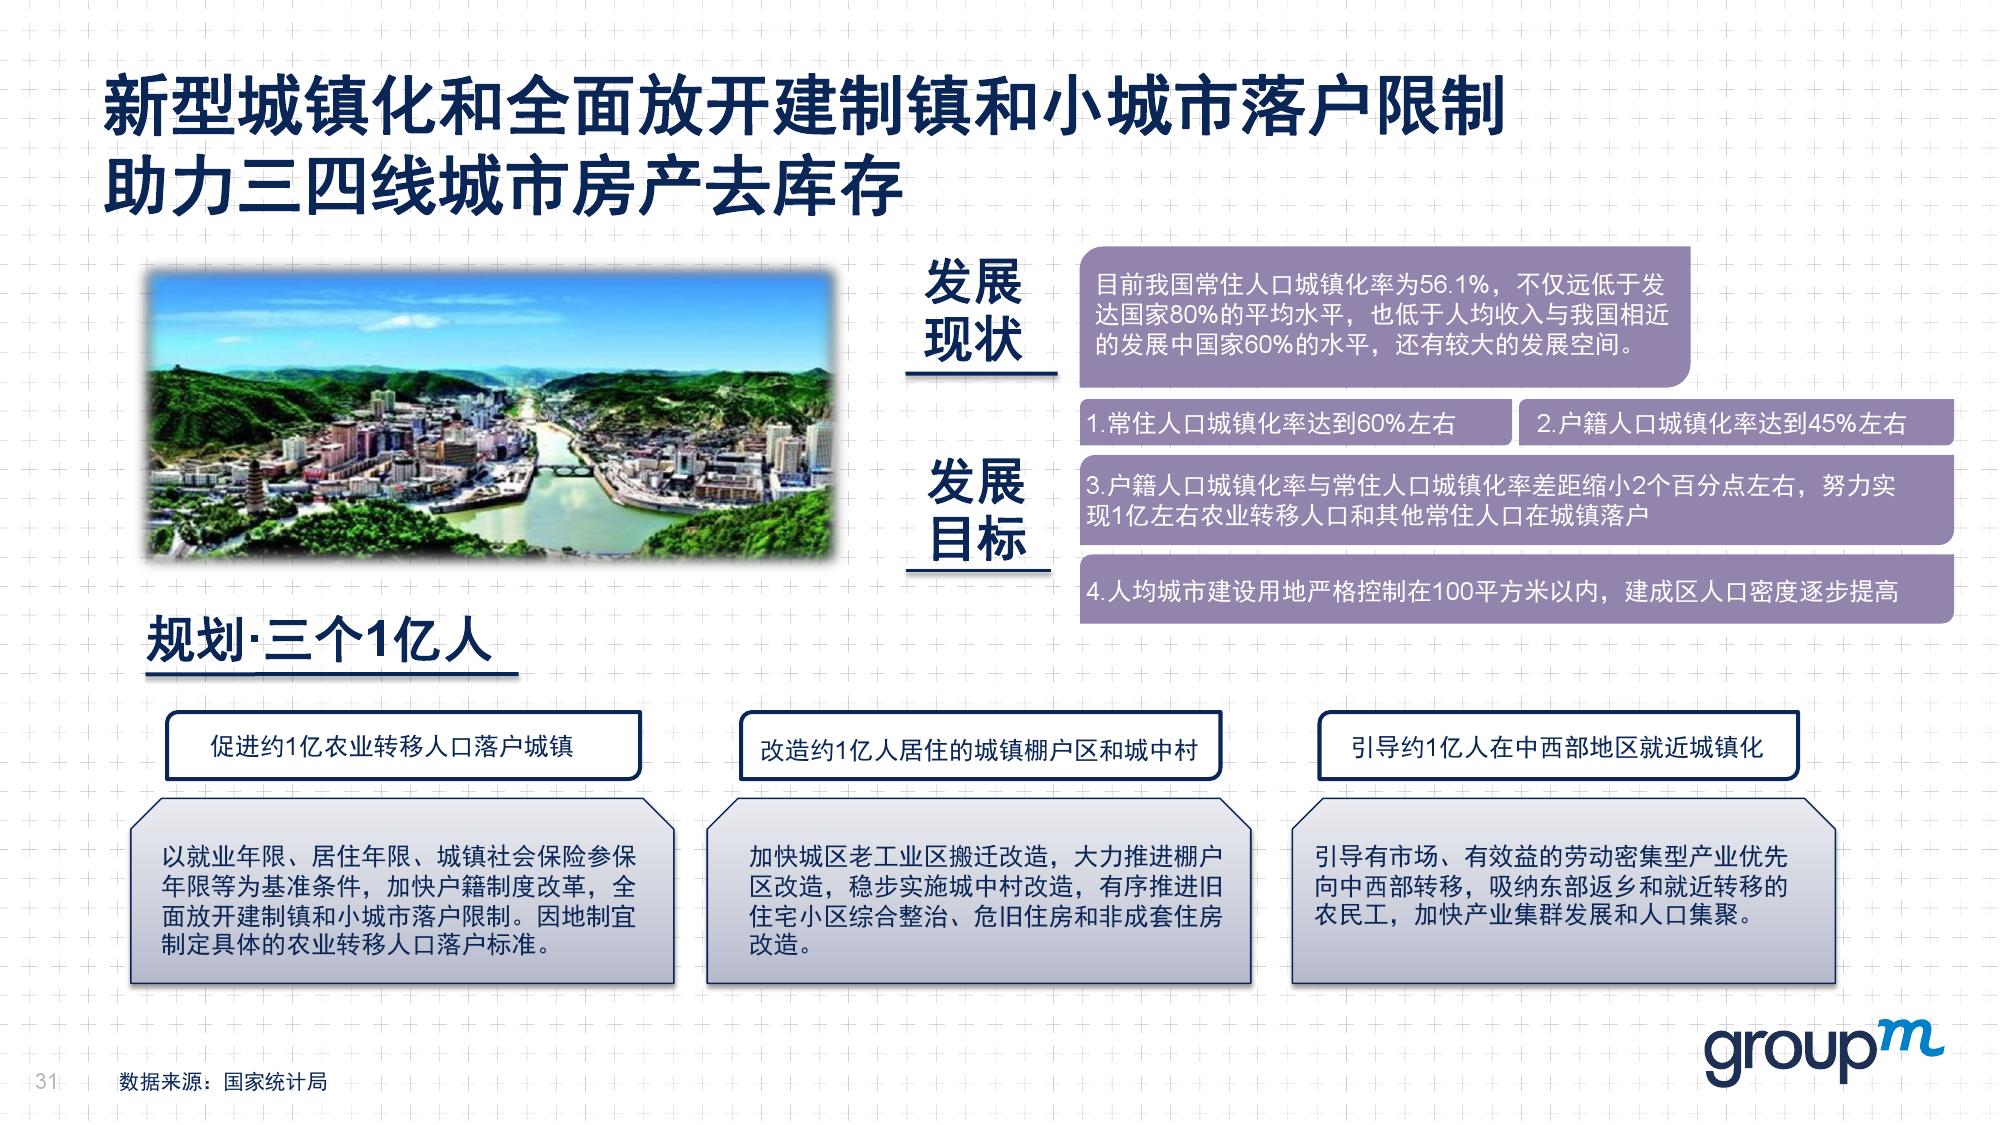 赢在中国2016:从需求刺激转向供给侧改革_000031